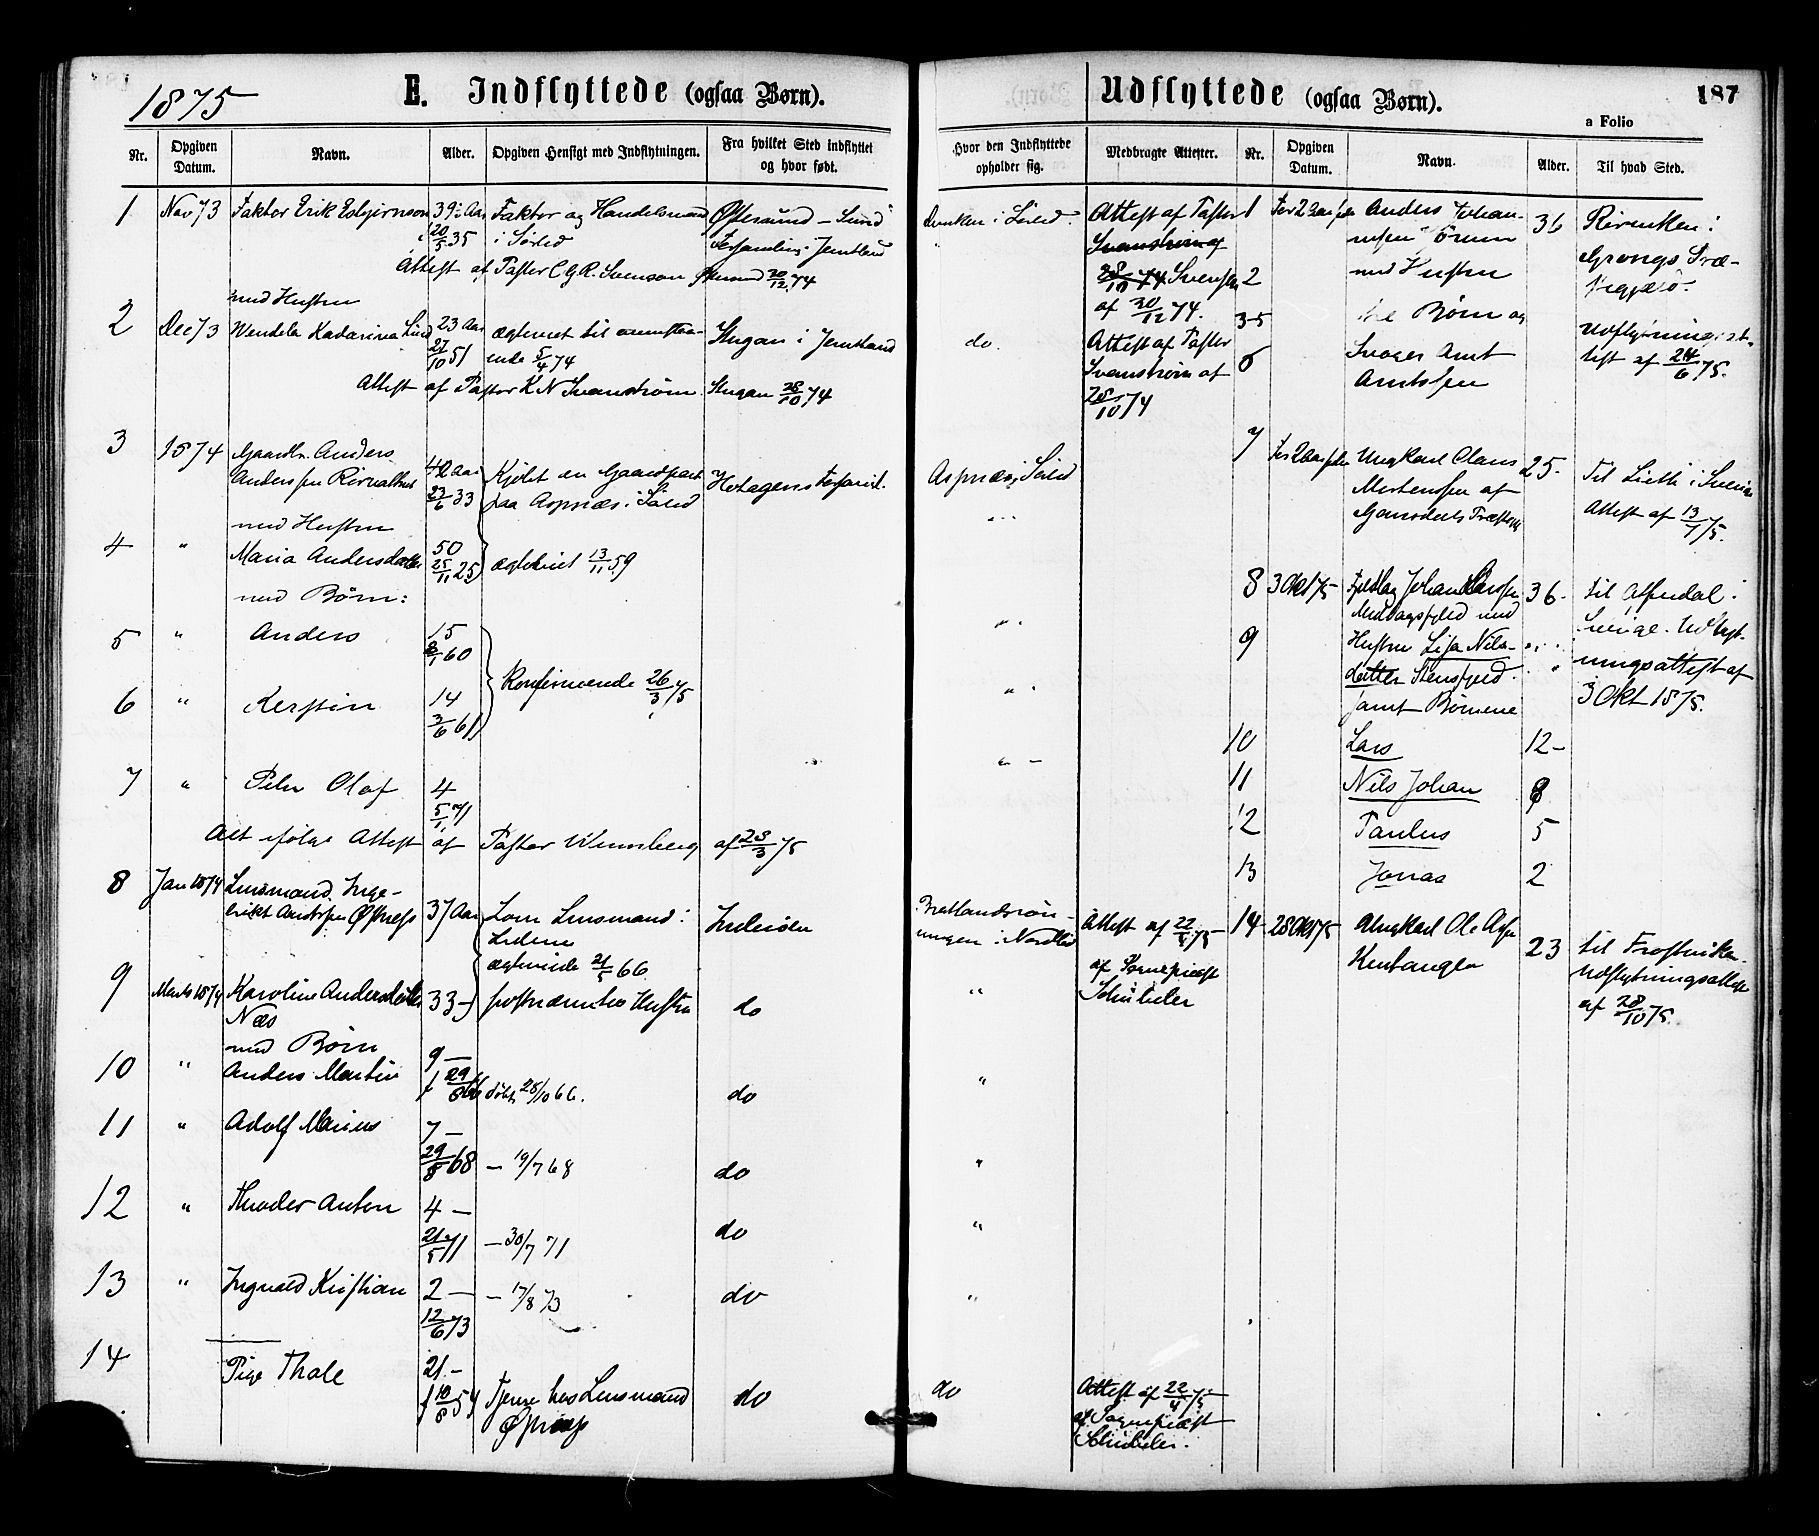 SAT, Ministerialprotokoller, klokkerbøker og fødselsregistre - Nord-Trøndelag, 755/L0493: Ministerialbok nr. 755A02, 1865-1881, s. 187